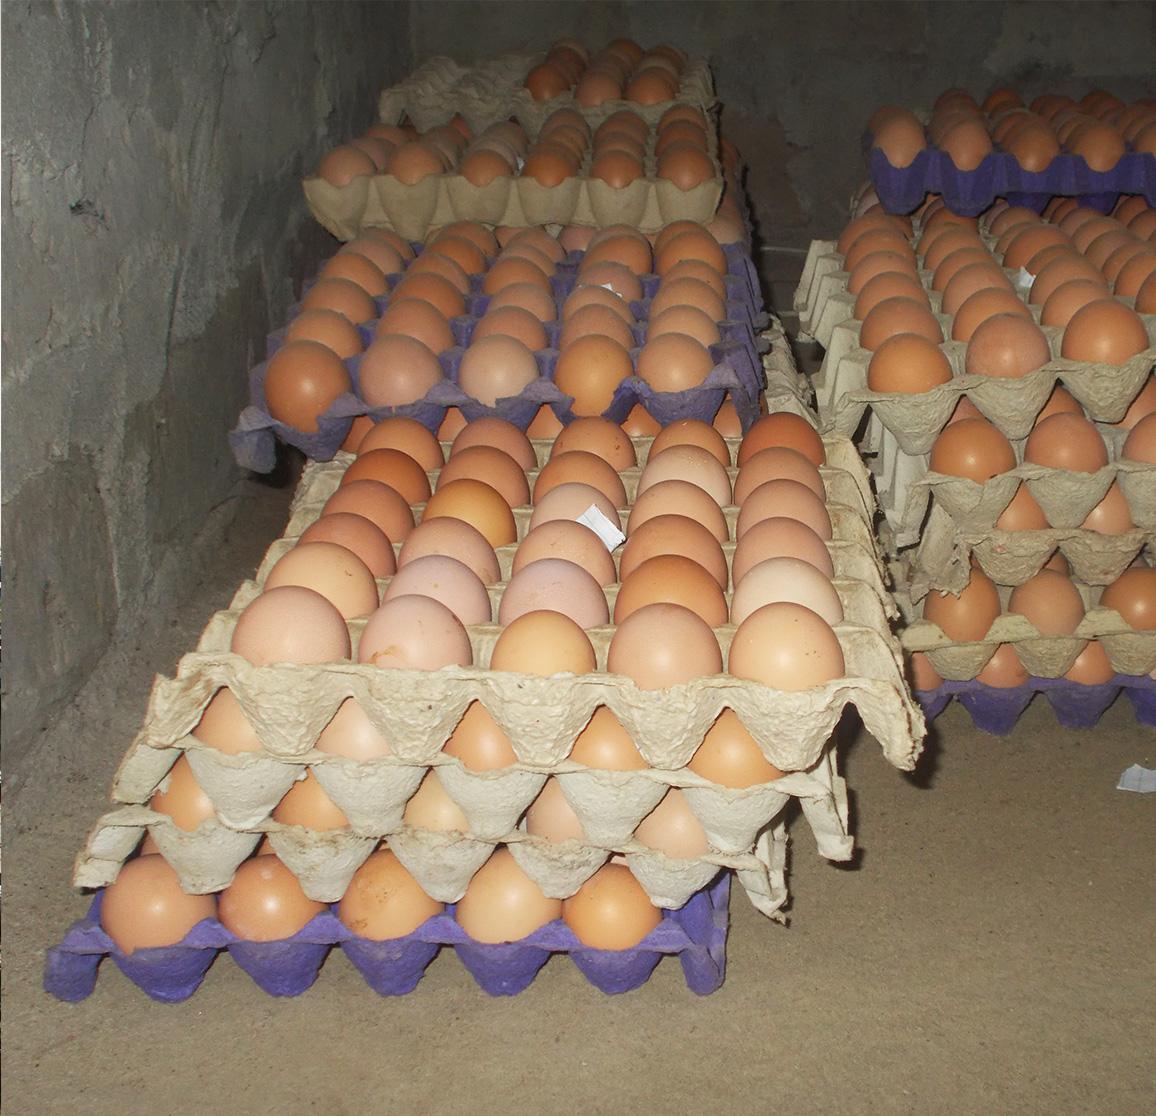 Das große ziel: nachhaltigkeit & selbst-versorgunG. - Auf der Insel Sherbro Island mit dem Ort Bonthe leben 10.000 Menschen, etwa 2000 Familien. Vom Ausbildungszentrum ausgehend werden die Menschen in der Region in Hühnerhaltung unterrichtet und mit eierlegenden Hühnern ausgestattet werden. Unser Ziel ist es, dass jede Familie vier Hühner und einen Hahn erhält. Die Familien sind auf diese Weise regelmäßig mit Eiern und – bei erfolgreicher Züchtung – auch mit Fleisch versorgt. Dies ist ein wichtiger Beitrag für eine nachhaltige Versorgung mit Nahrungsmitteln.